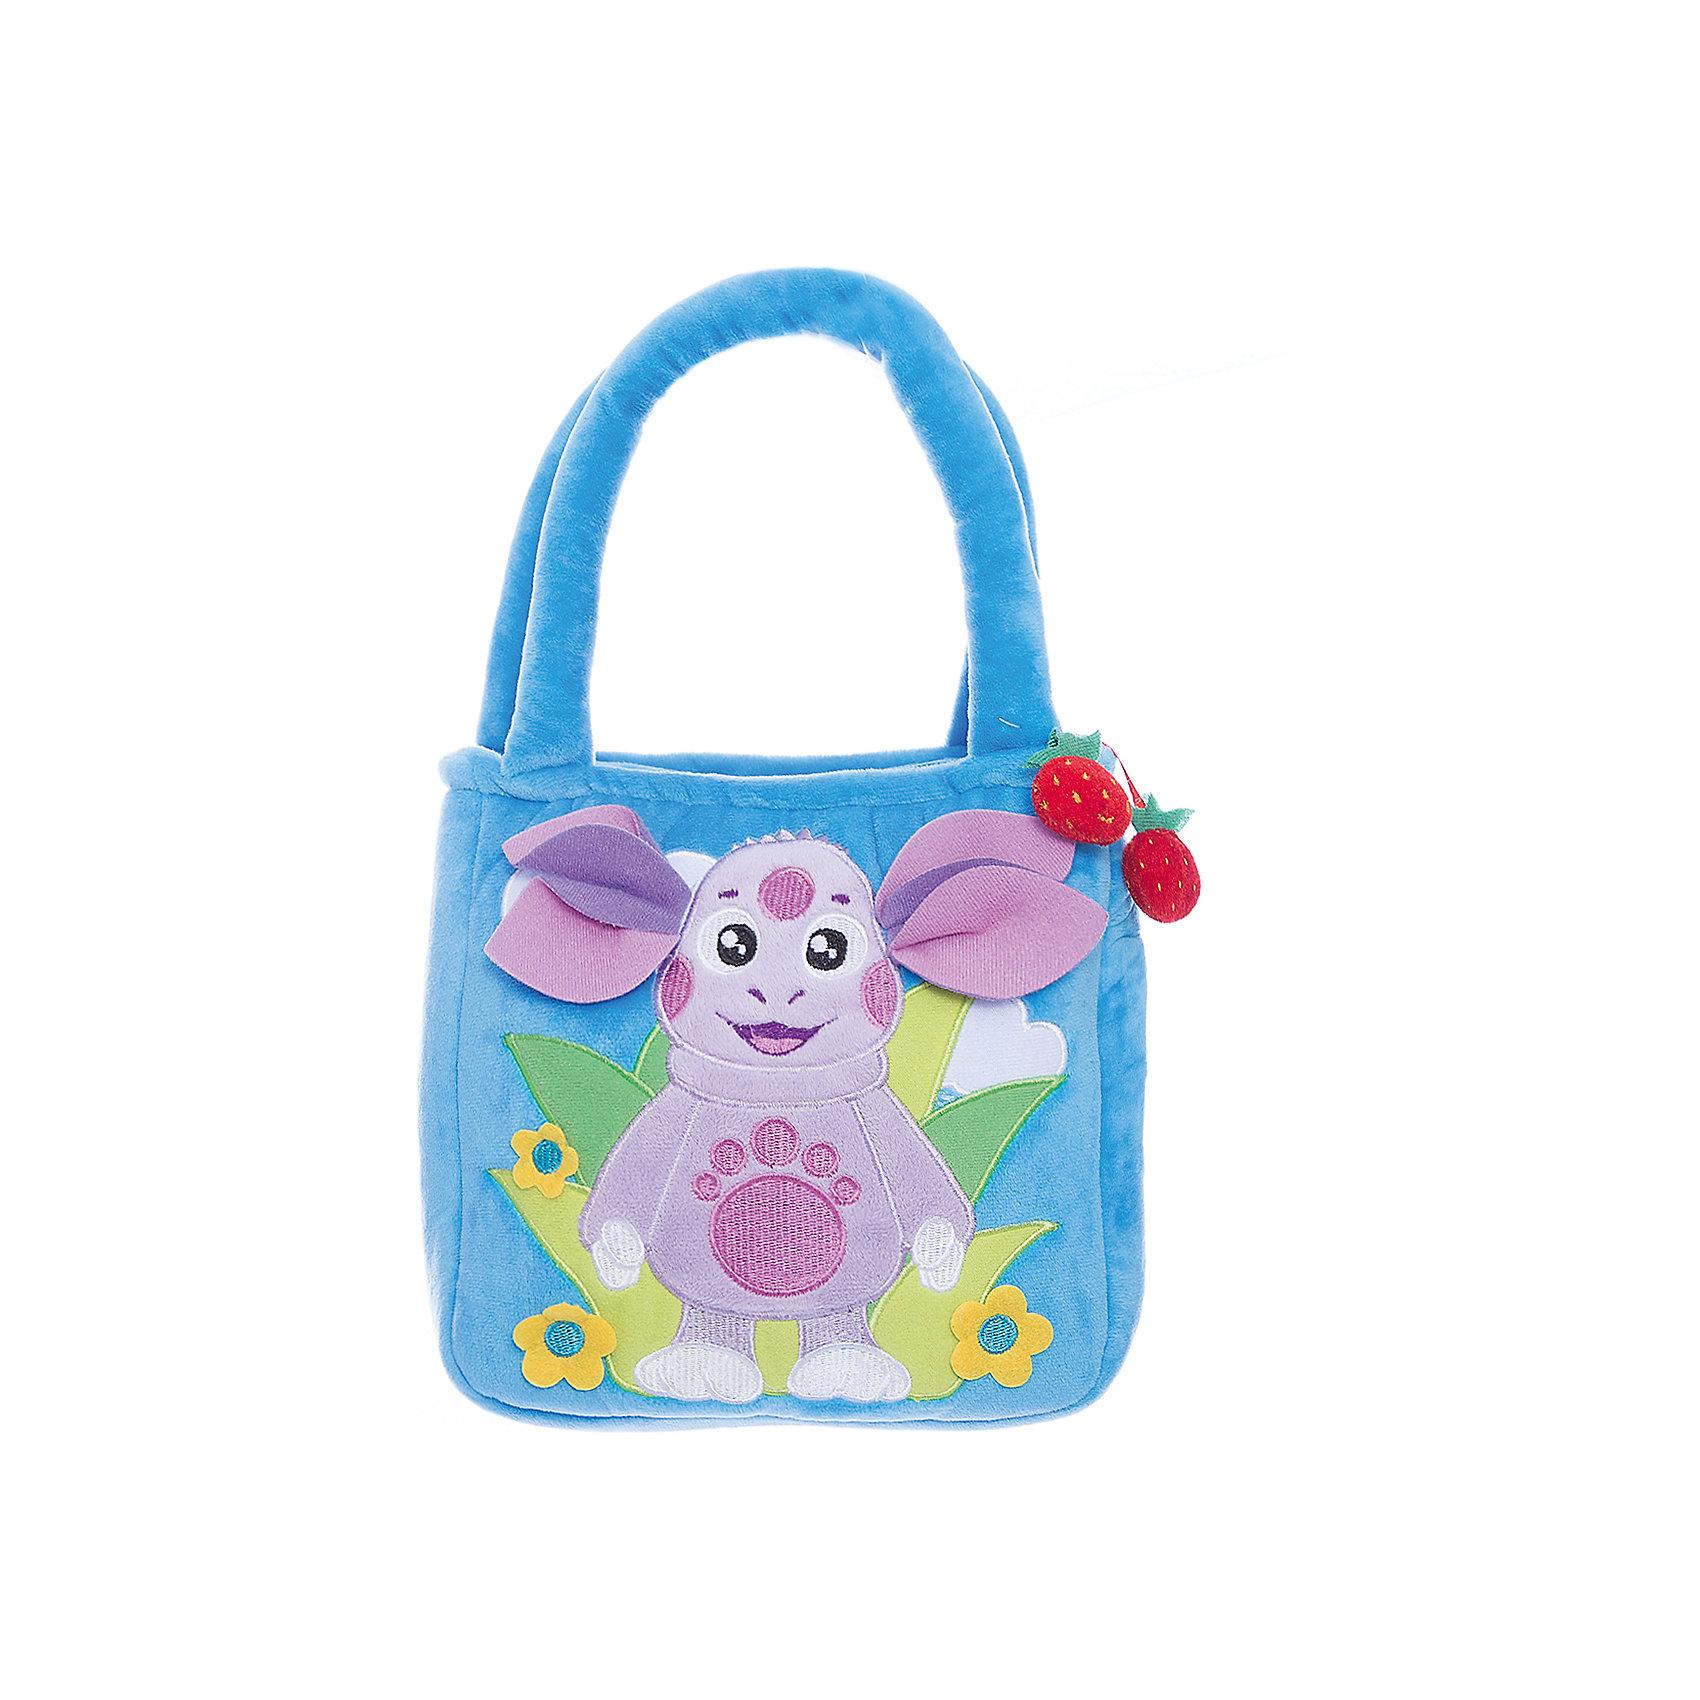 Синяя сумочка Лунтик, 24 см, МУЛЬТИ-ПУЛЬТИПлюшевые сумки и рюкзаки<br>Сумочка из мягкого материала Лунтик от МУЛЬТИ-ПУЛЬТИ.<br><br>Девочки любят носить с собой свои игрушки, ведь так они становятся похожи на маму или бабушку, которые всегда носят с собой сумочки. В эту удобную сумку поместятся любимые игрушки, которые Ваша дочь сможет взять с собой на прогулку или в детский садик. А весёлый Лунтик - любимец детей - сделает эту сумочку самой любимой. <br><br>Главное отделение сумки закрывается на молнию, удобные ручки.<br><br>Дополнительная информация:<br><br>Размер: 24 см.<br>Материал: плюш, текстиль, пластик.<br><br>Ширина мм: 40<br>Глубина мм: 230<br>Высота мм: 340<br>Вес г: 210<br>Возраст от месяцев: 12<br>Возраст до месяцев: 72<br>Пол: Женский<br>Возраст: Детский<br>SKU: 2149164